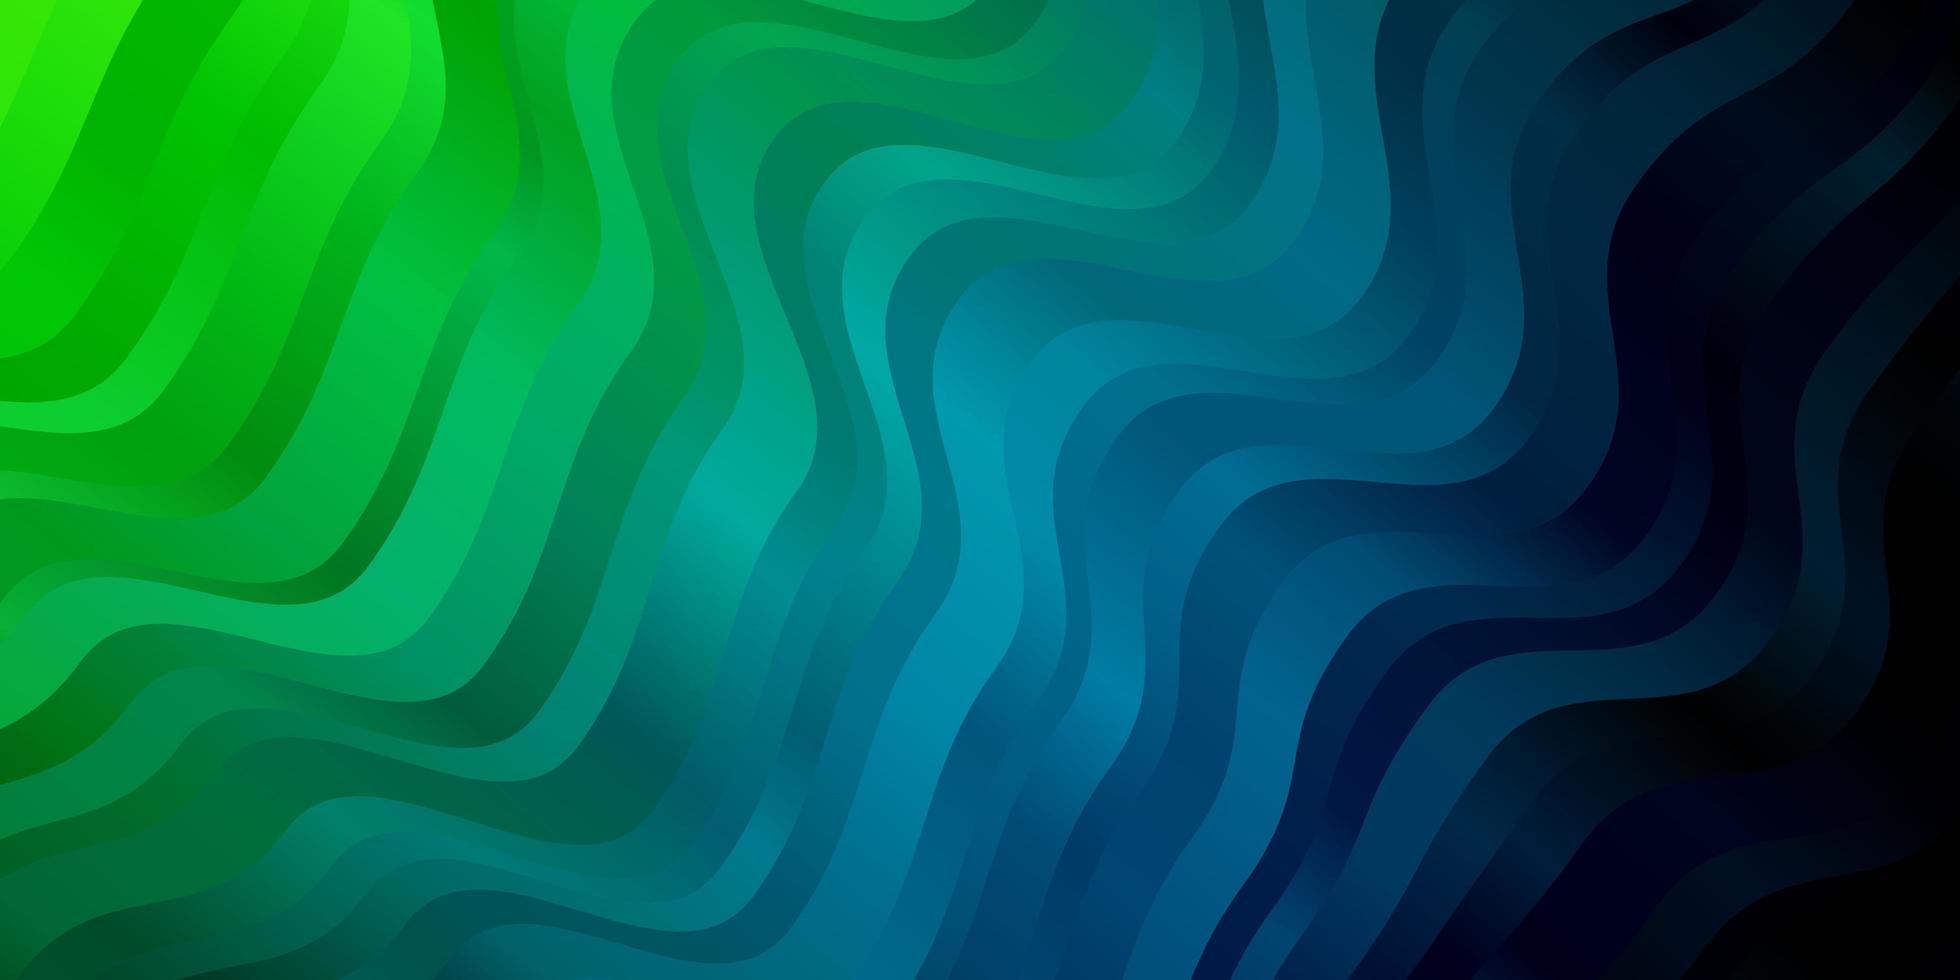 hellblaues, grünes Vektormuster mit Linien. vektor